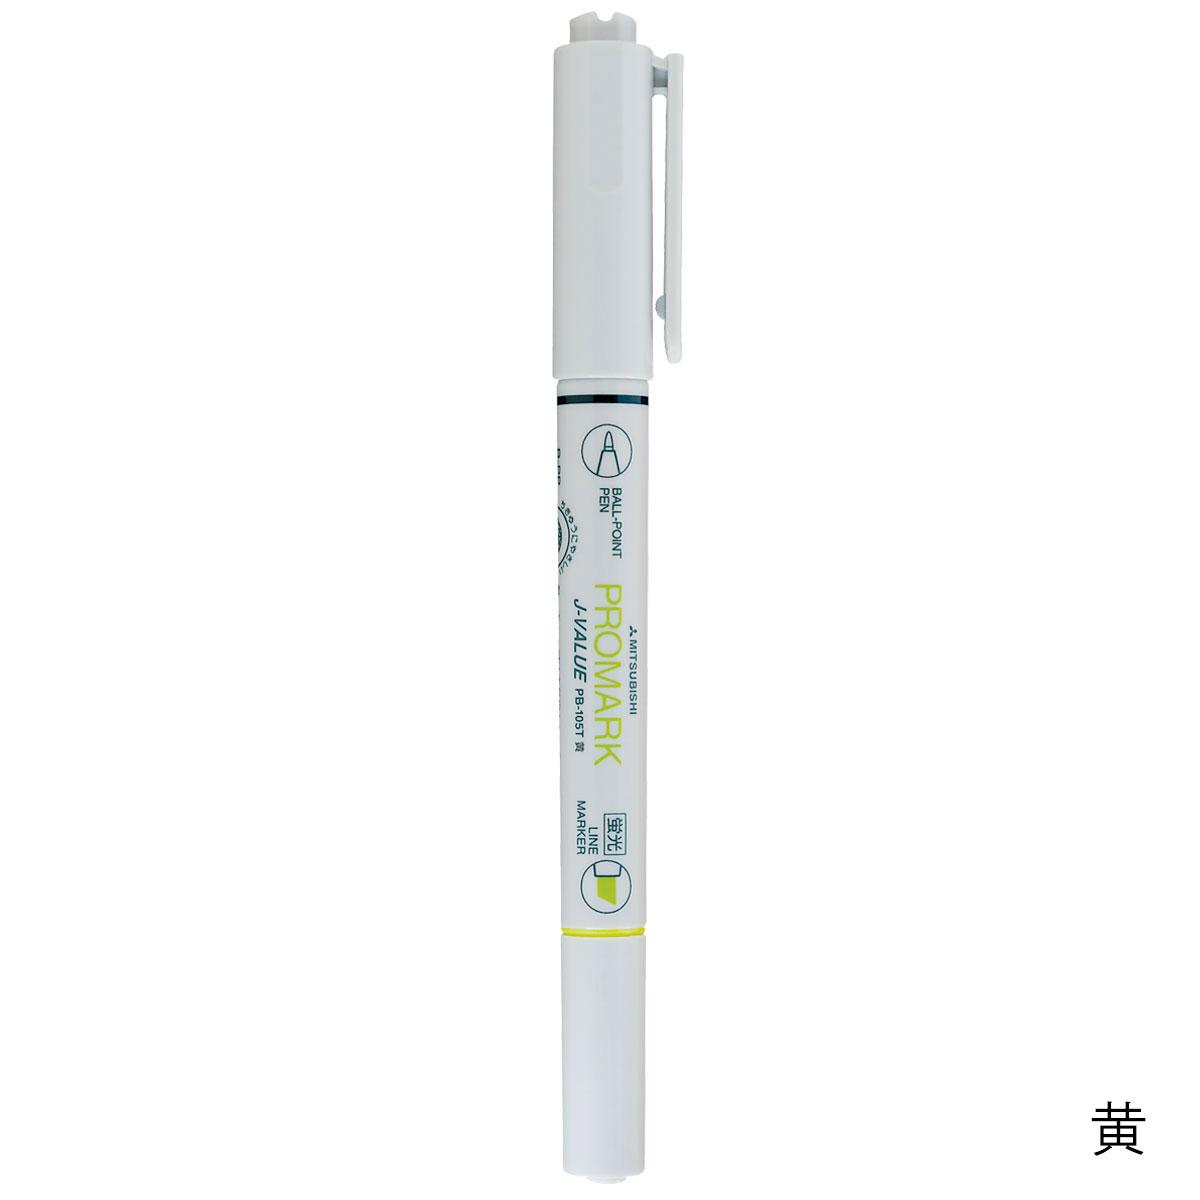 三菱鉛筆 プロマーク PB-105T ボールペン 蛍光ペン